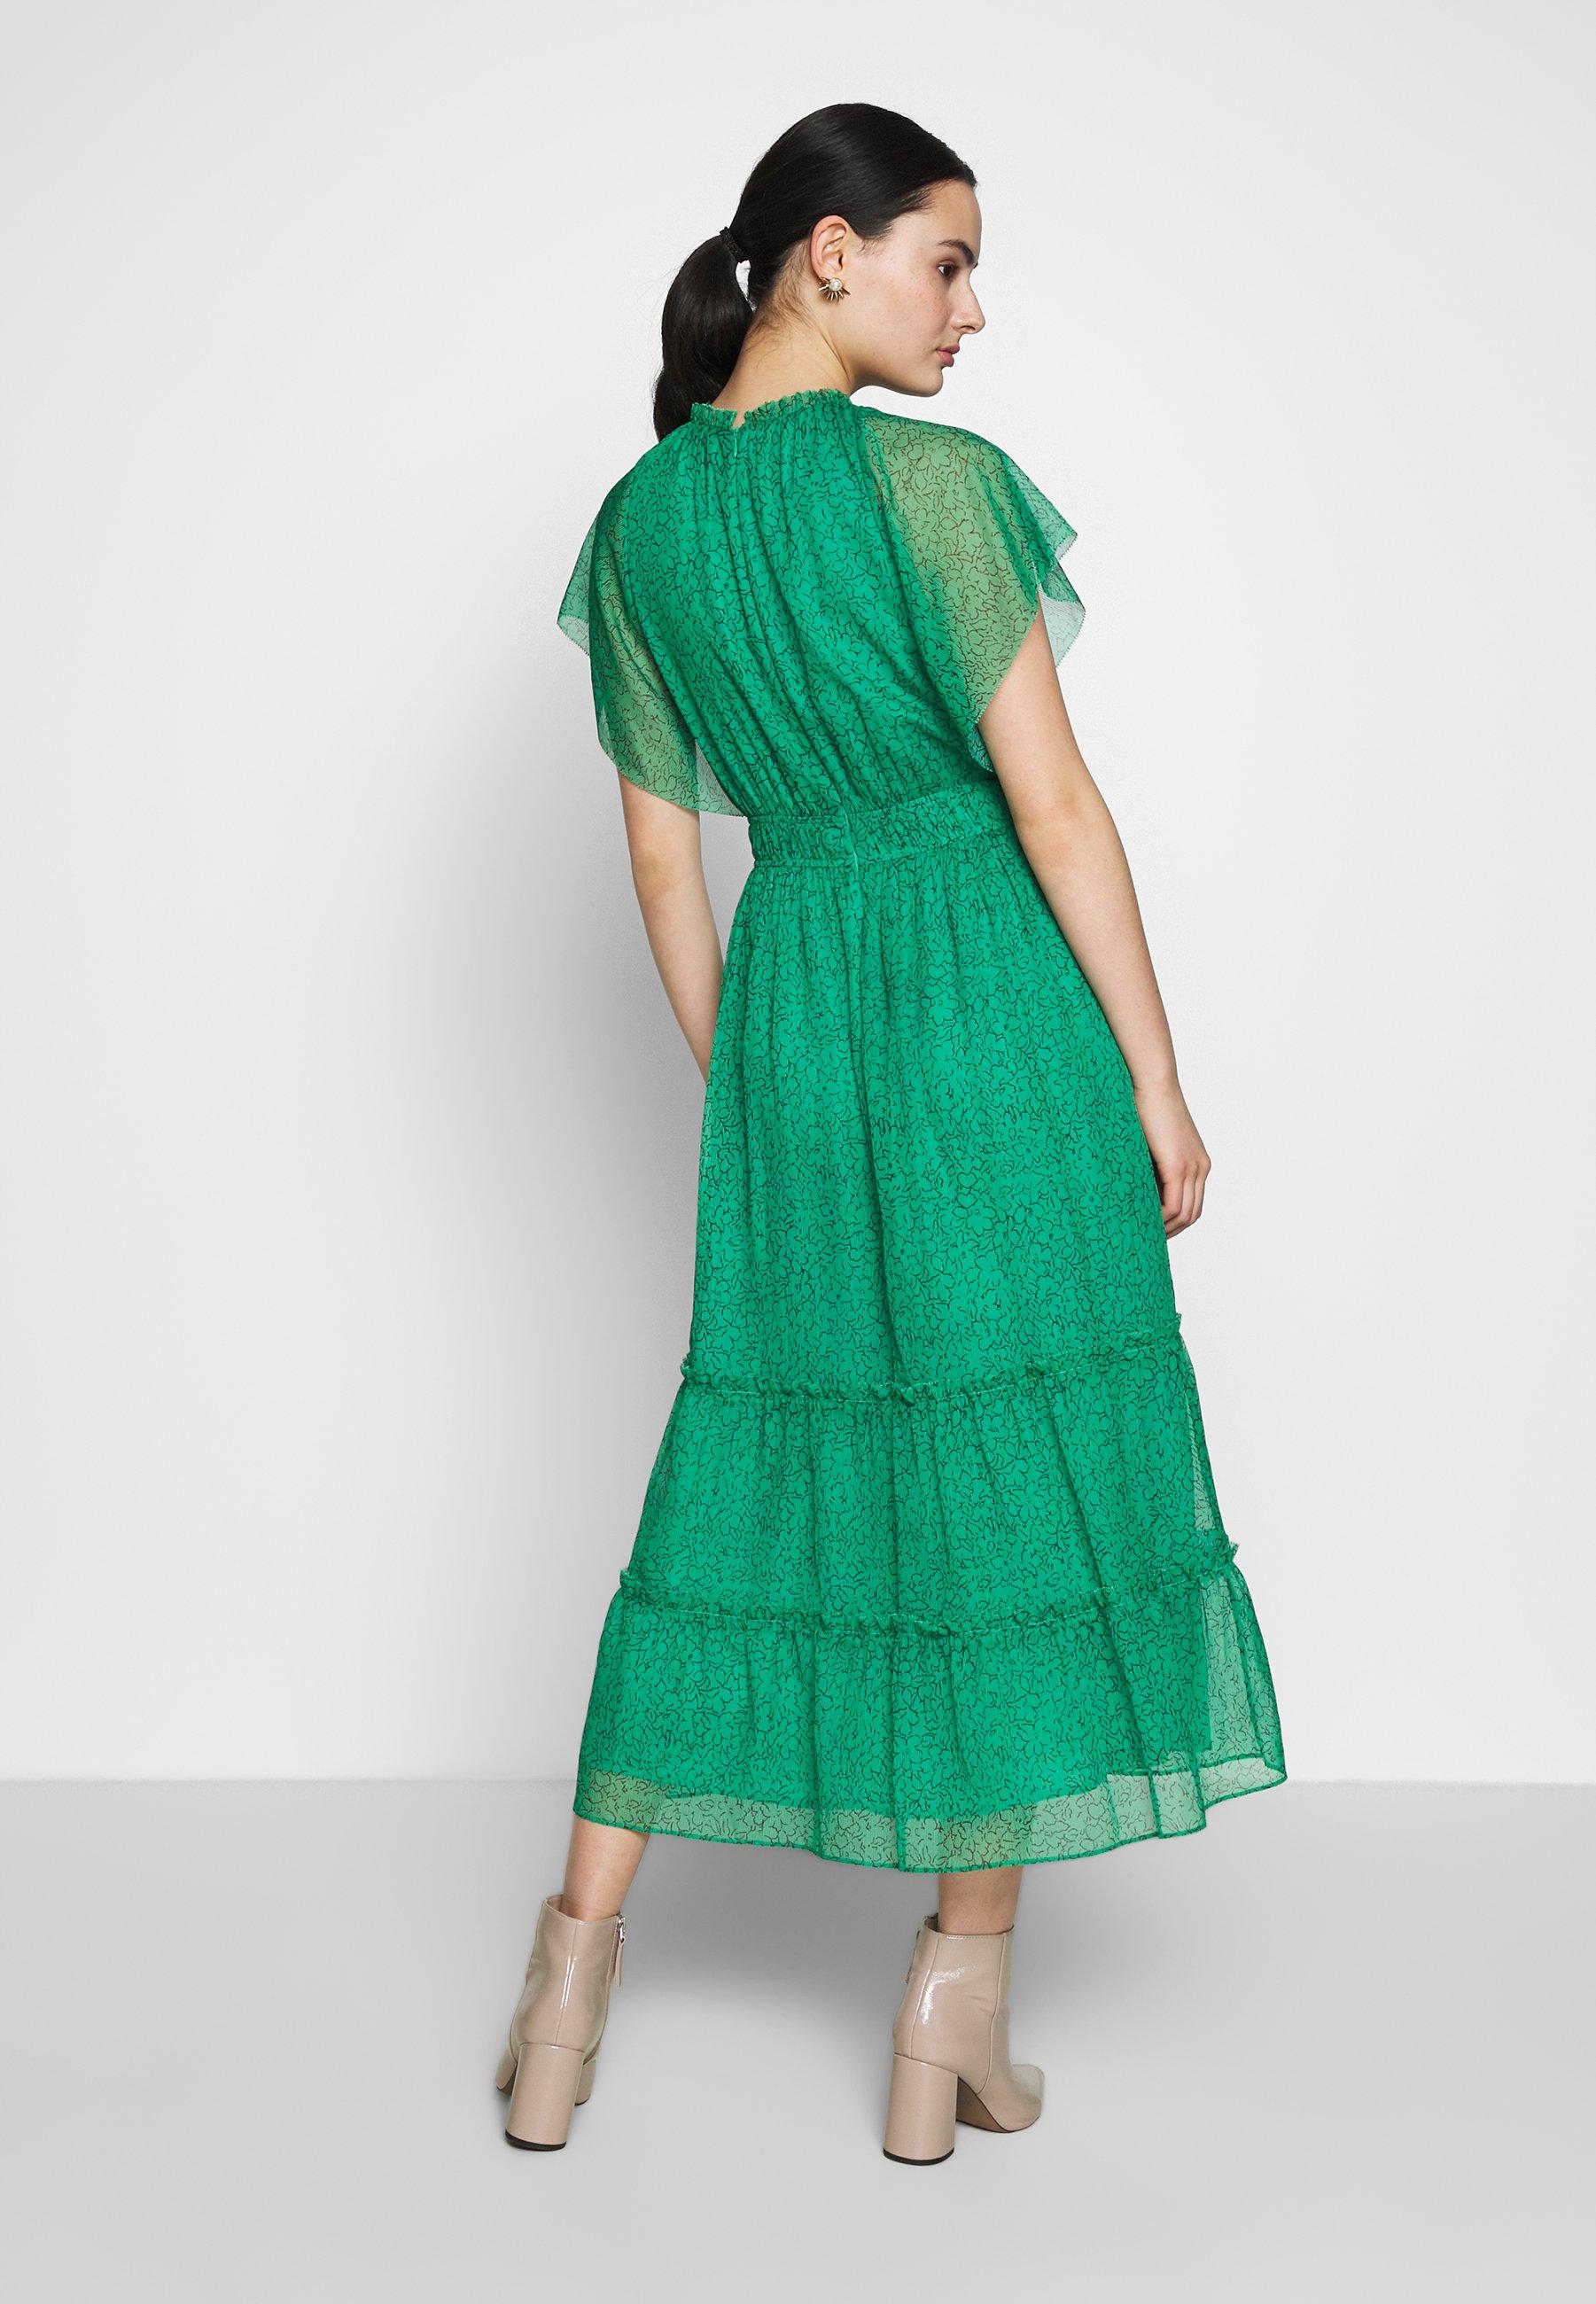 Whistles Sketched Floral Frill Sleeve Dress - Vardagsklänning Green/multi